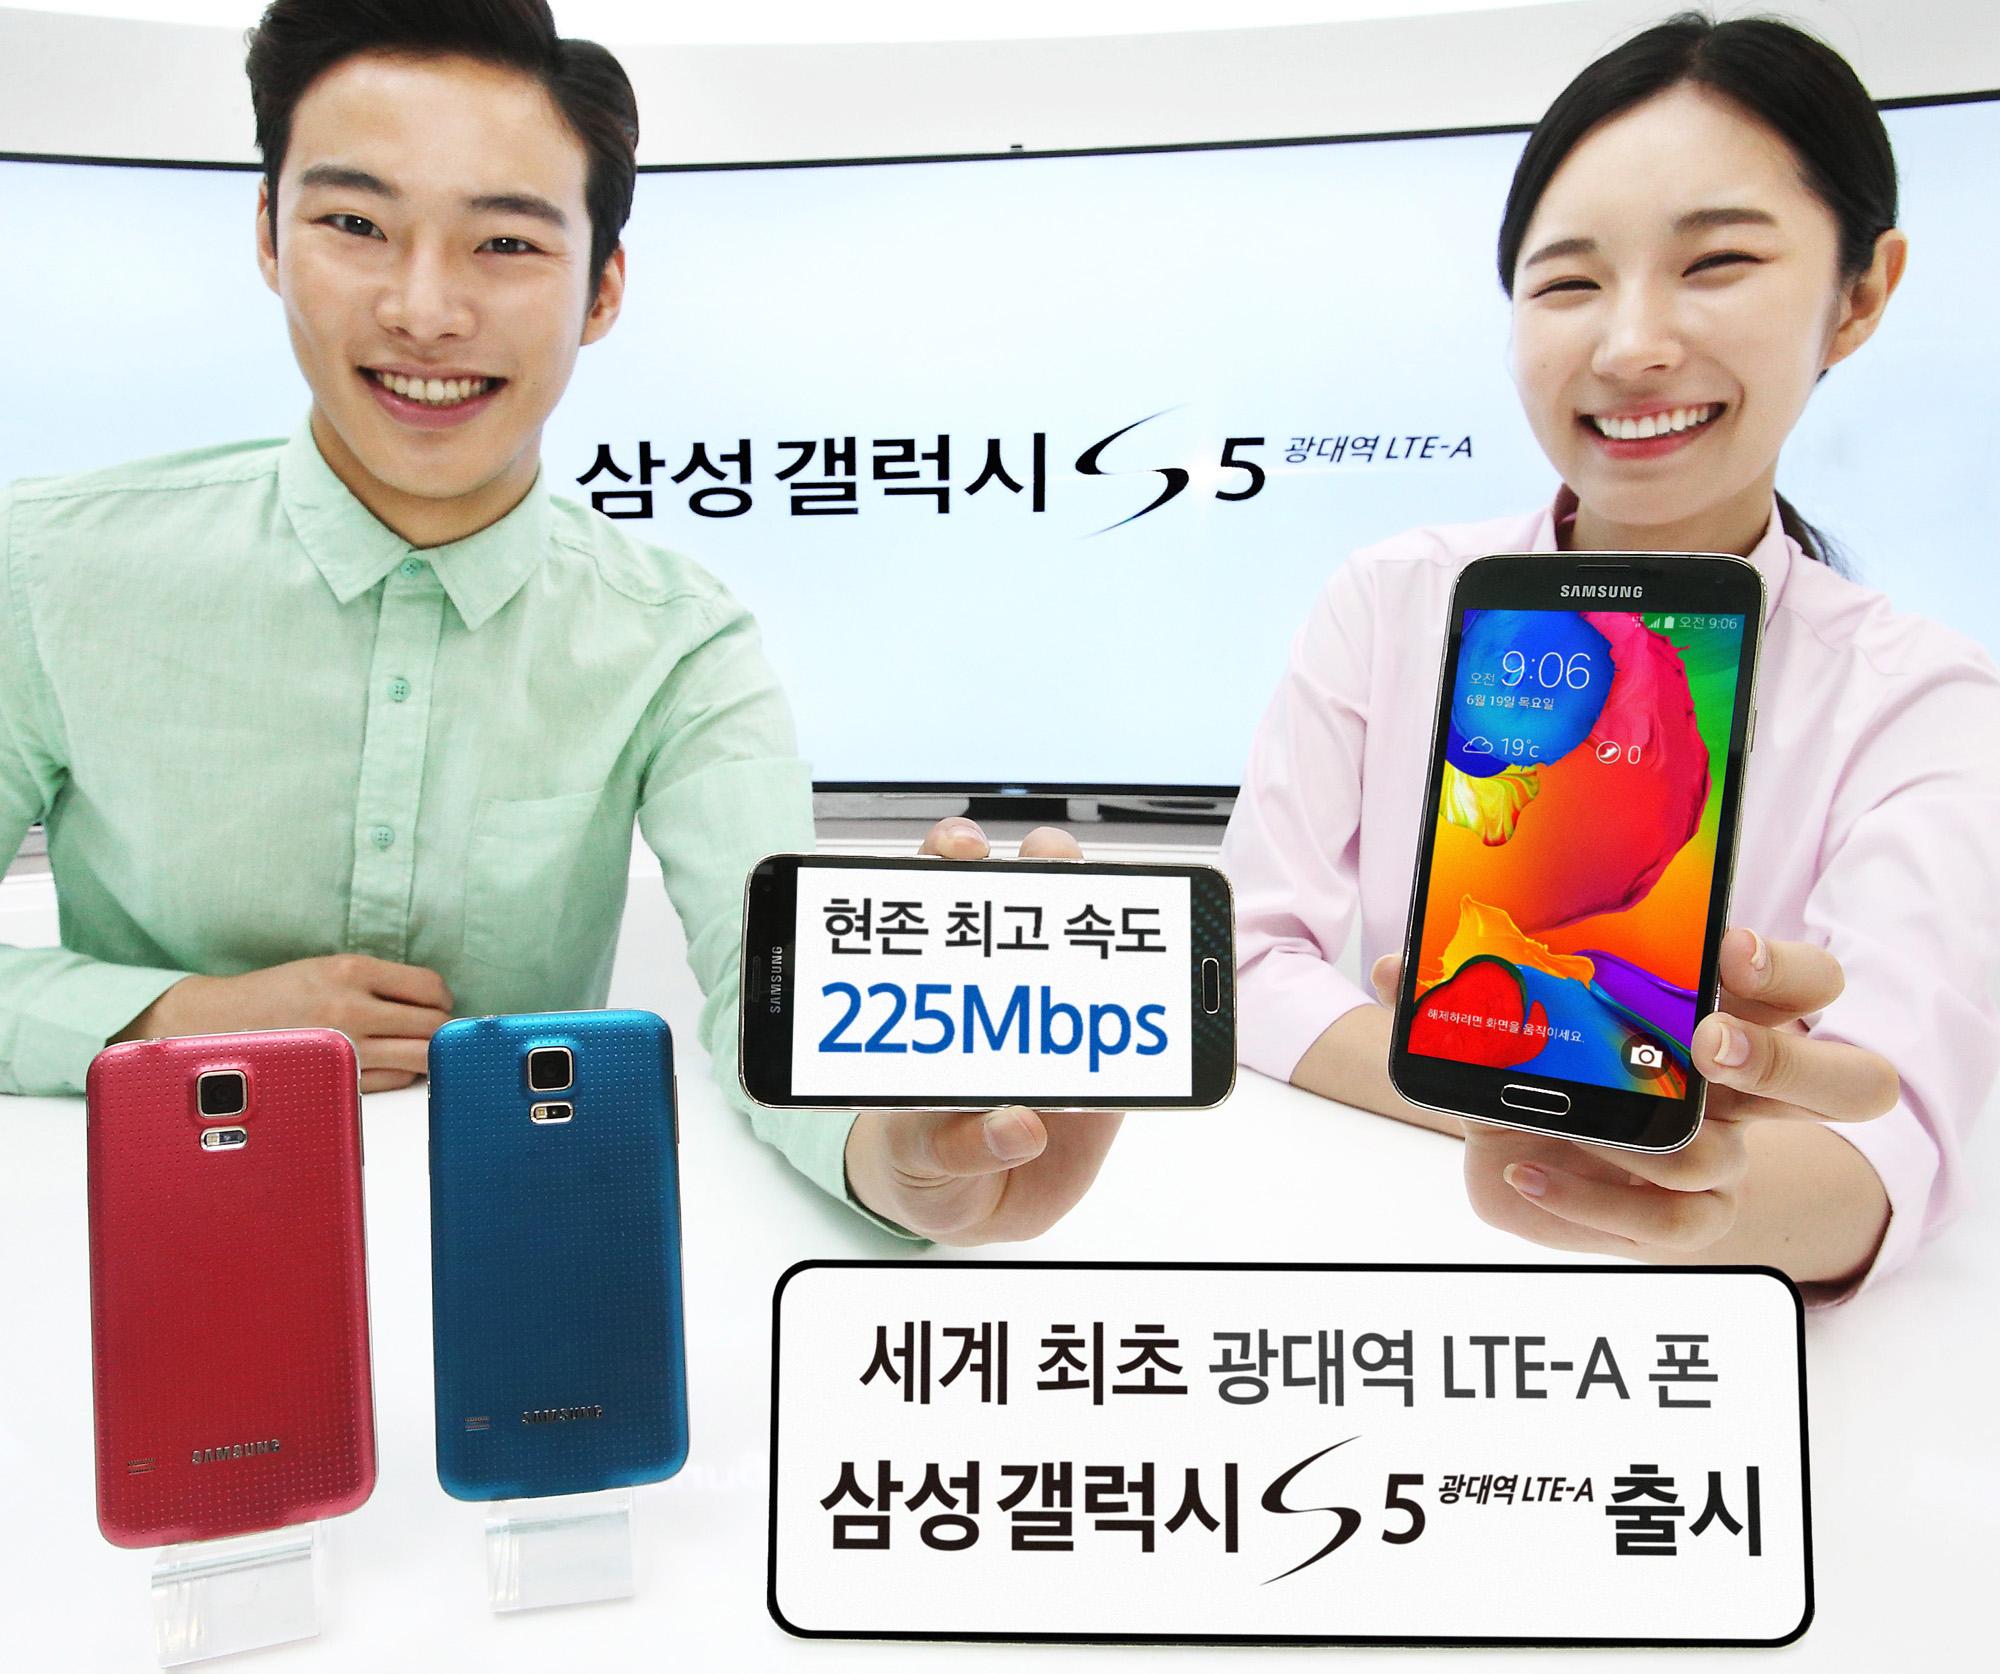 Galaxy S5 LTE-A QHD